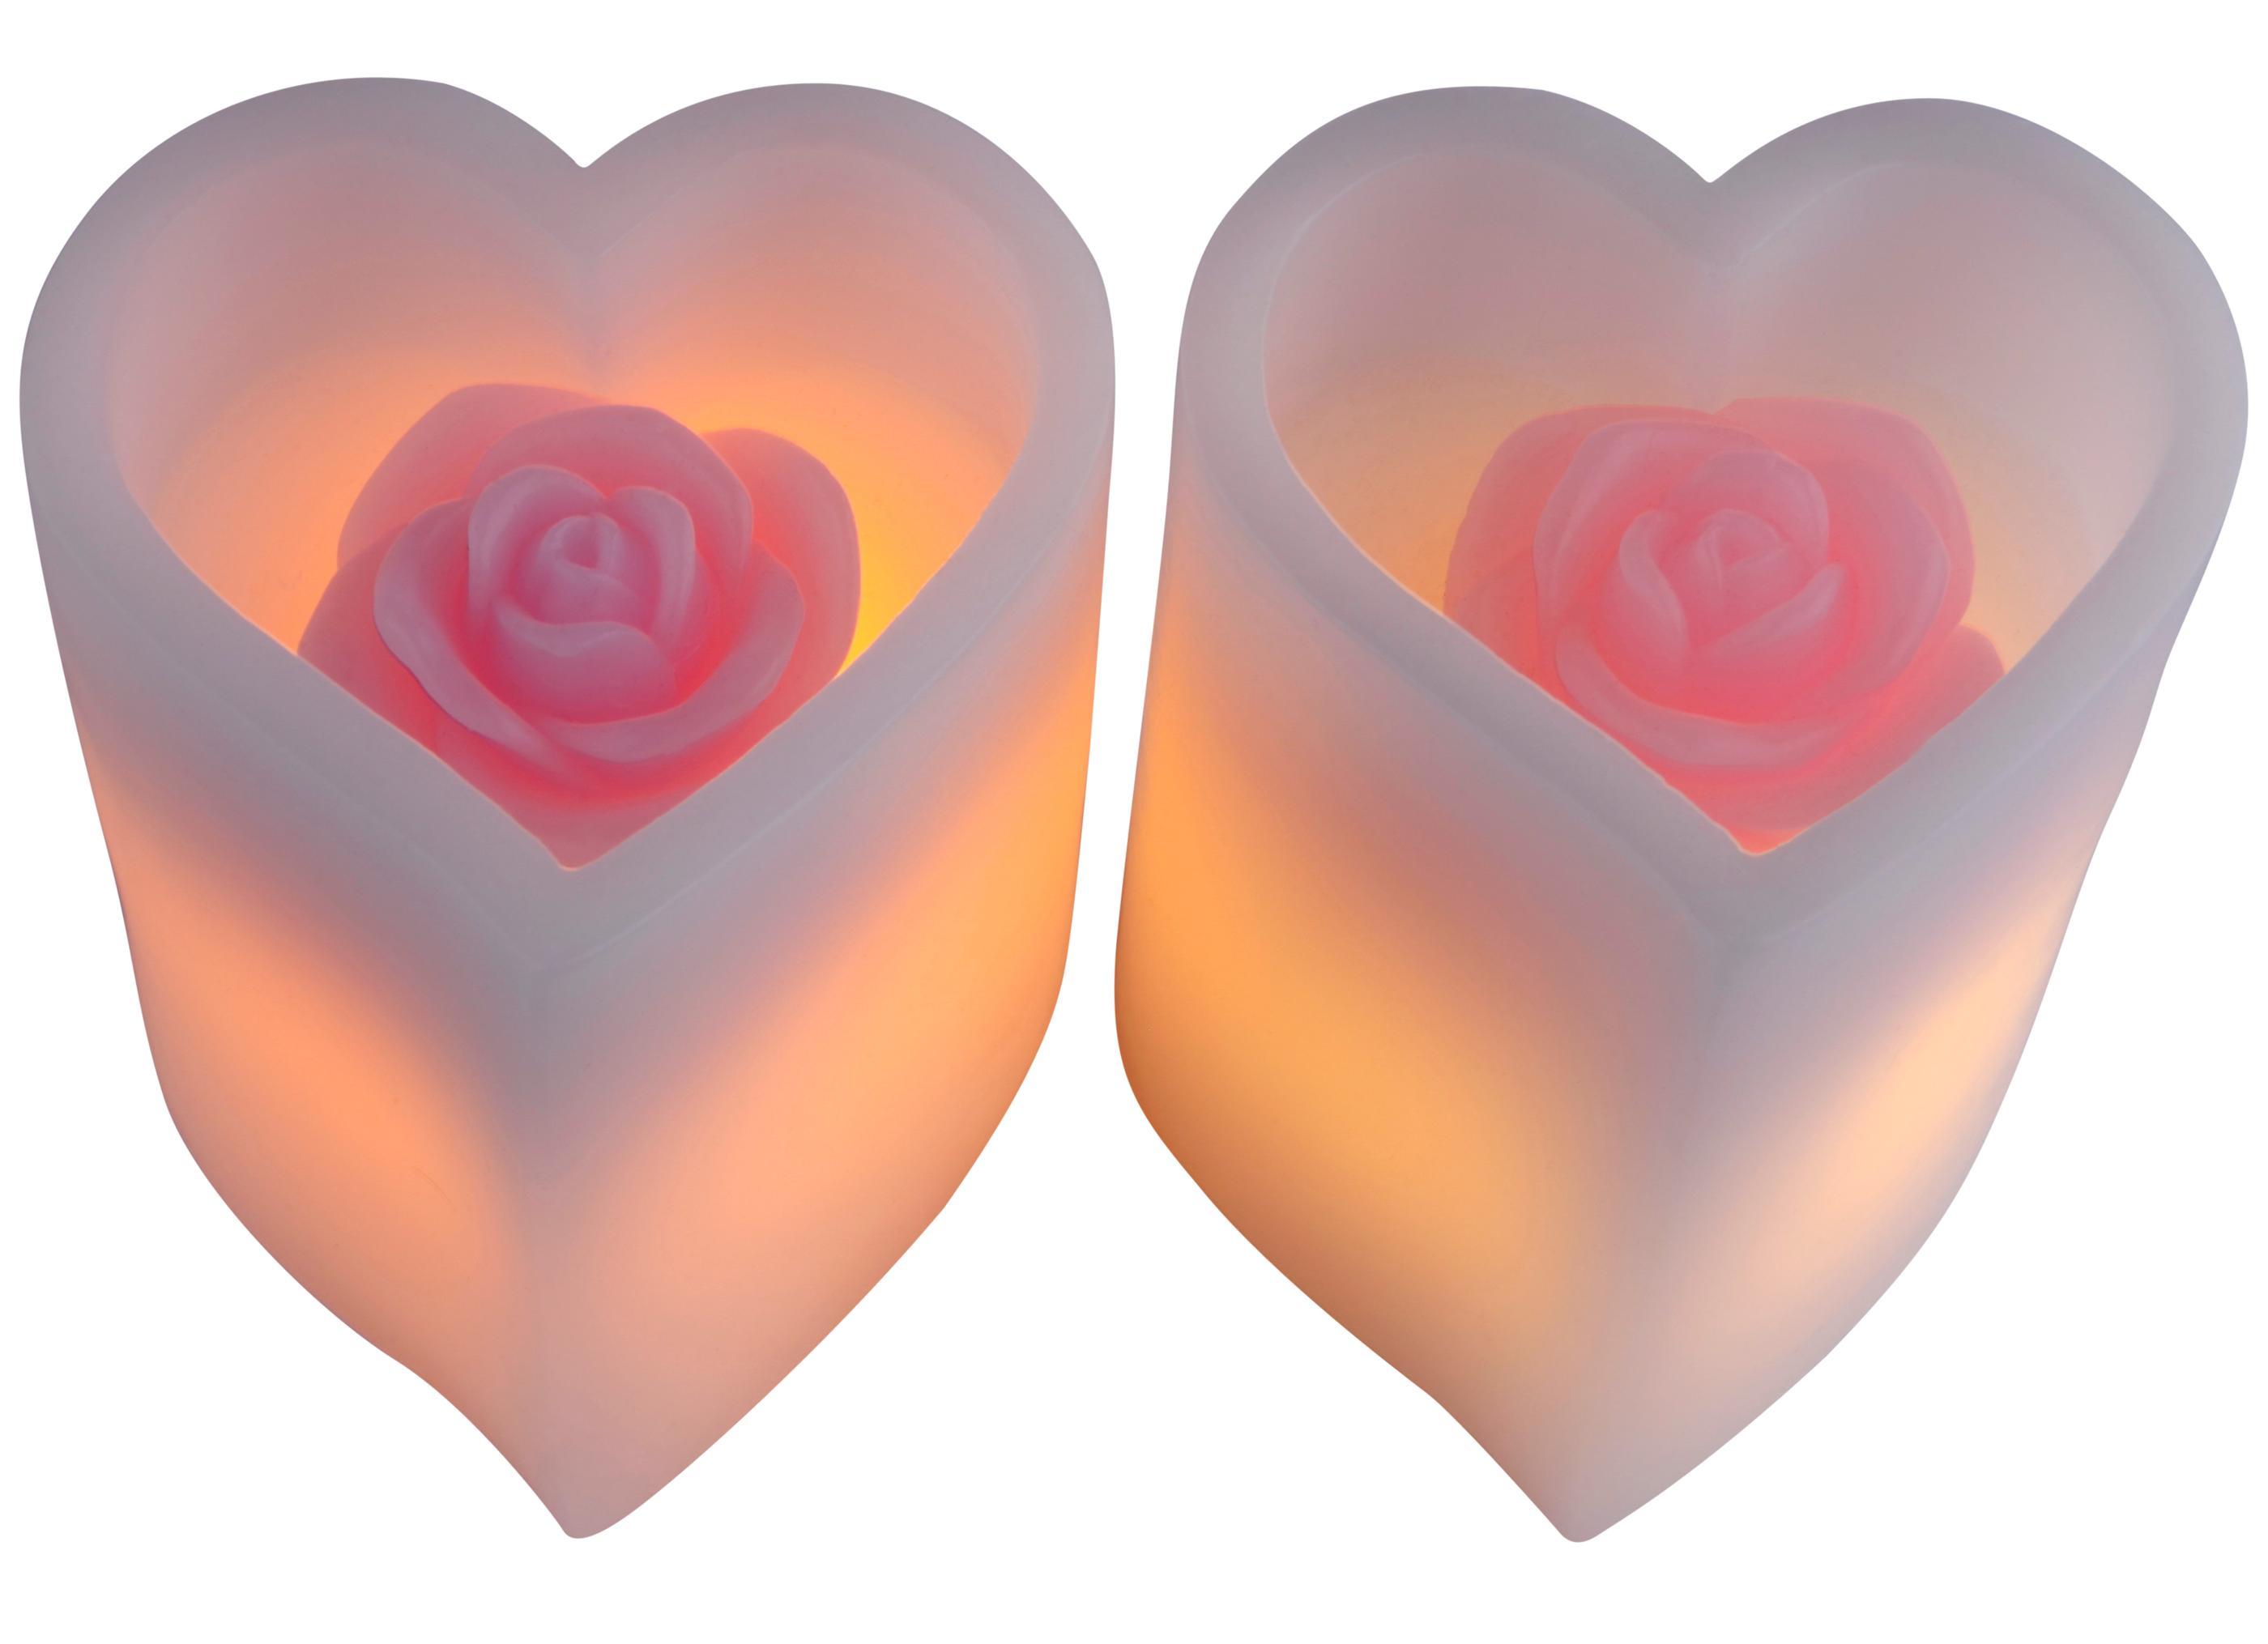 led kerze rose im herz flammenlose kerzen. Black Bedroom Furniture Sets. Home Design Ideas